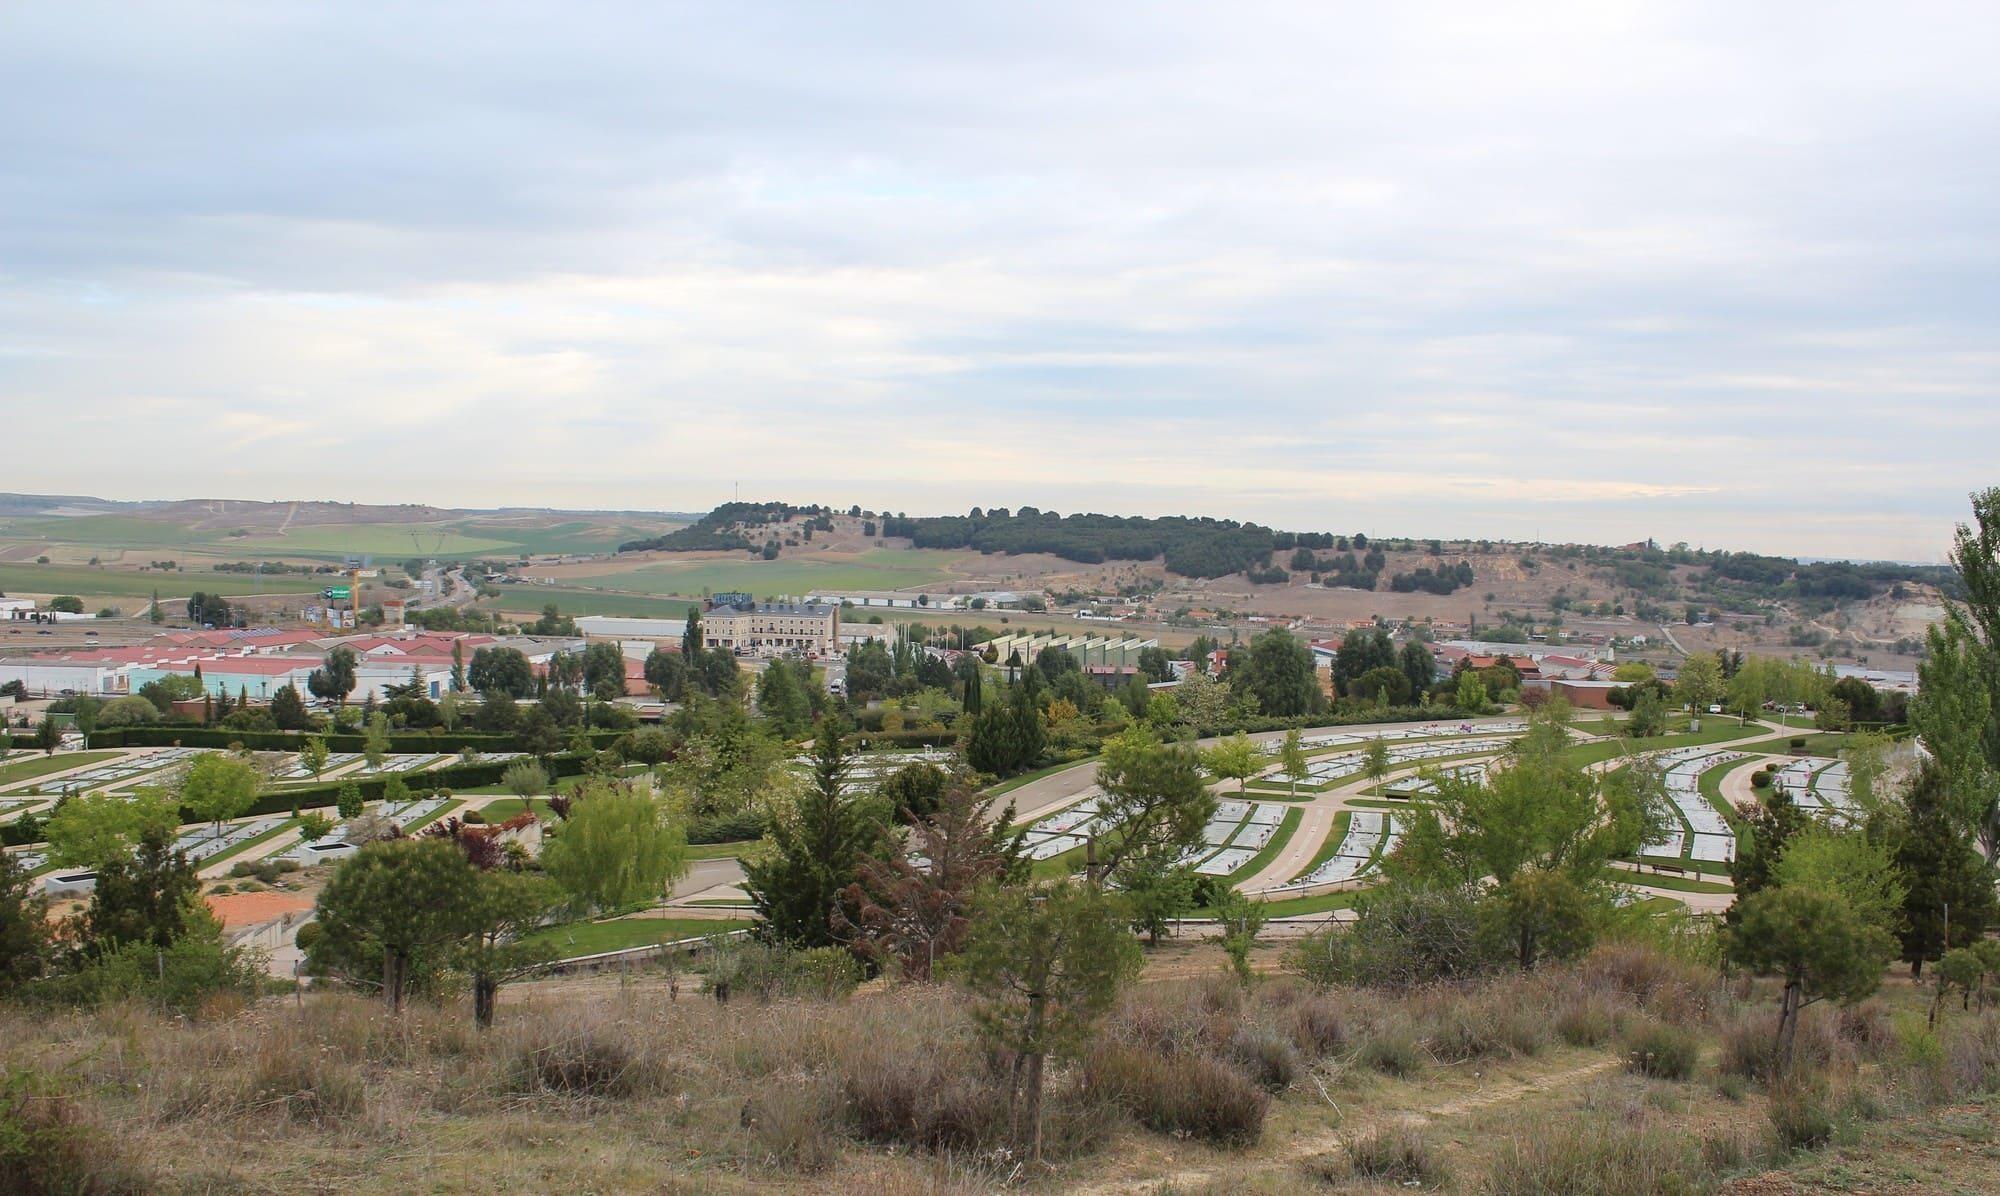 vistas del cementerio de las contiendas